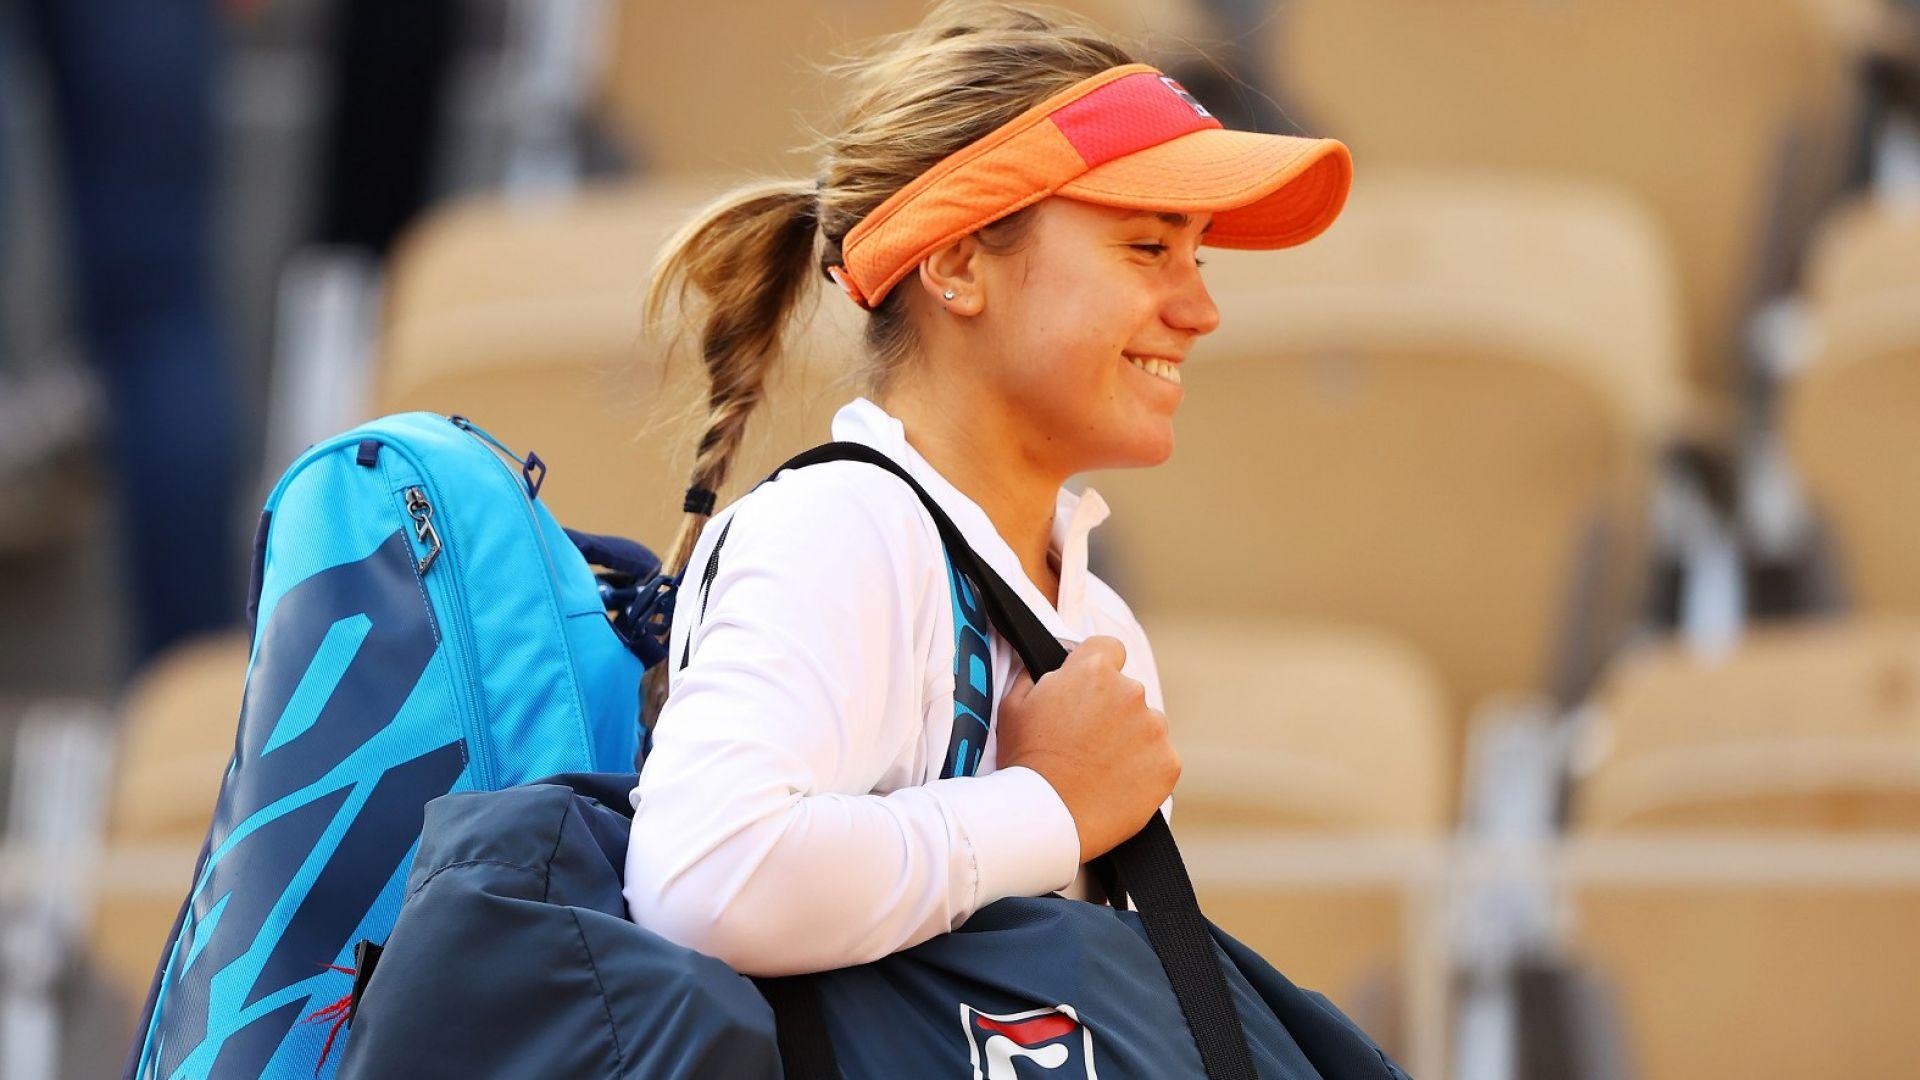 Шампионката от Австралия пак игра три сета, но е сред най-добрите 4